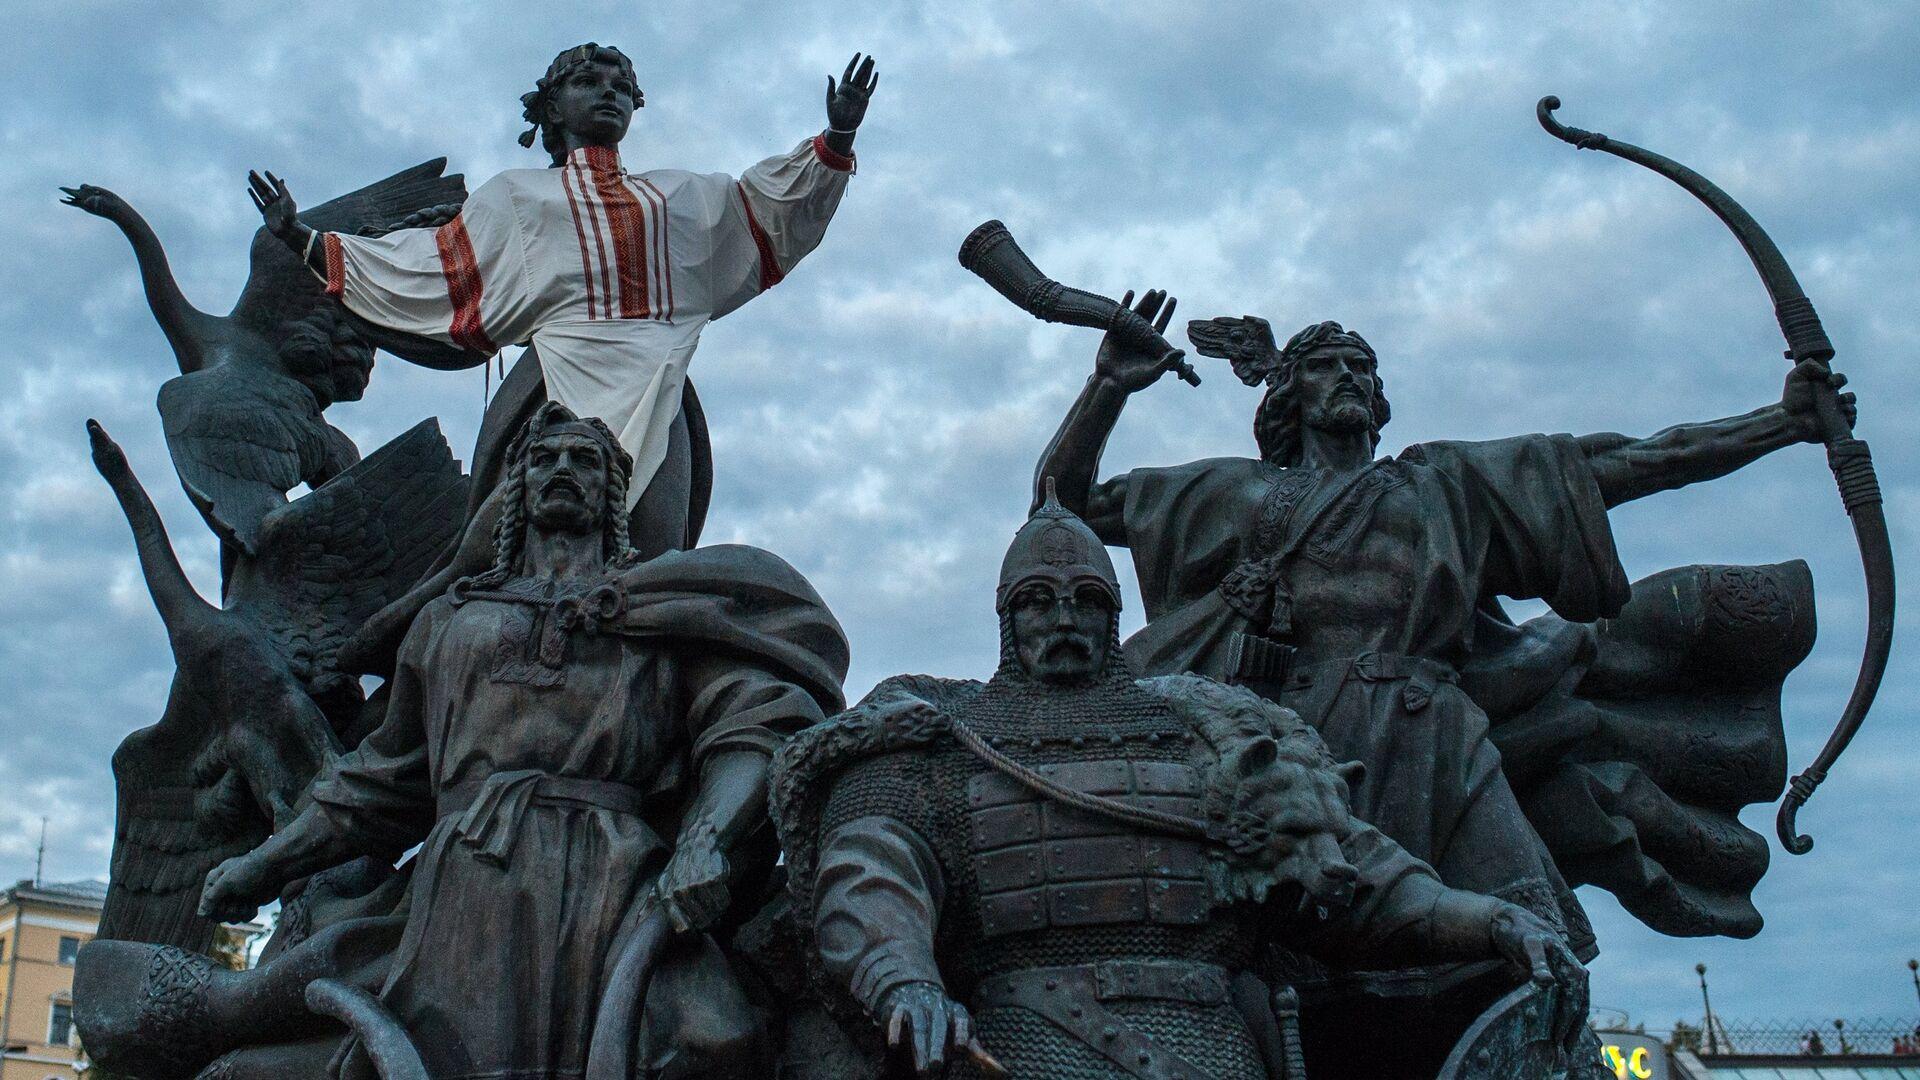 Памятник основателям Киева на площади Независимости в Киеве - РИА Новости, 1920, 24.12.2020